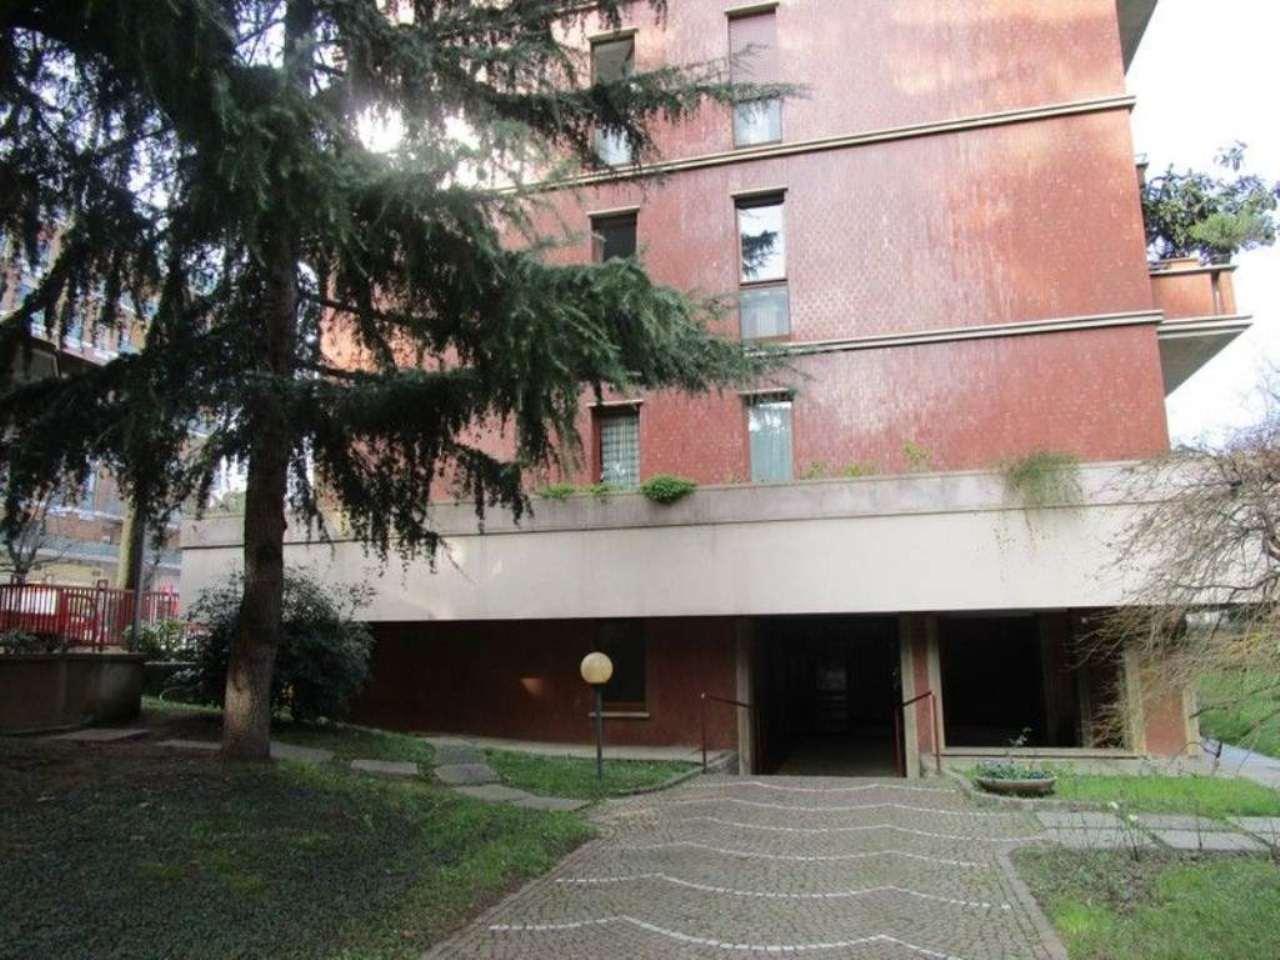 Monza Affitto UFFICIO Immagine 3